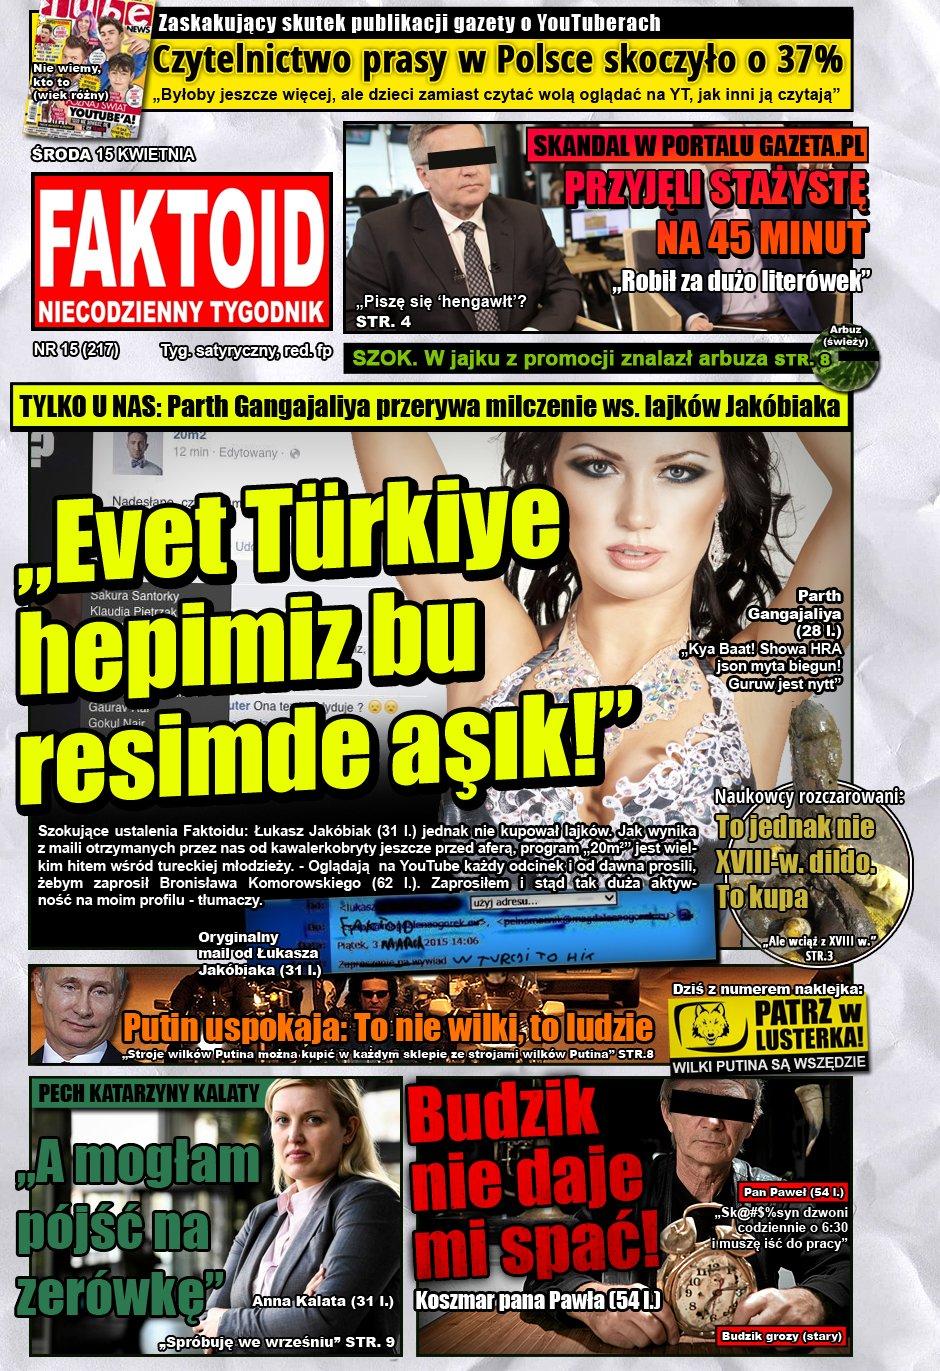 Faktoid: Jakóbiak nie kupował lajków - Faktoid